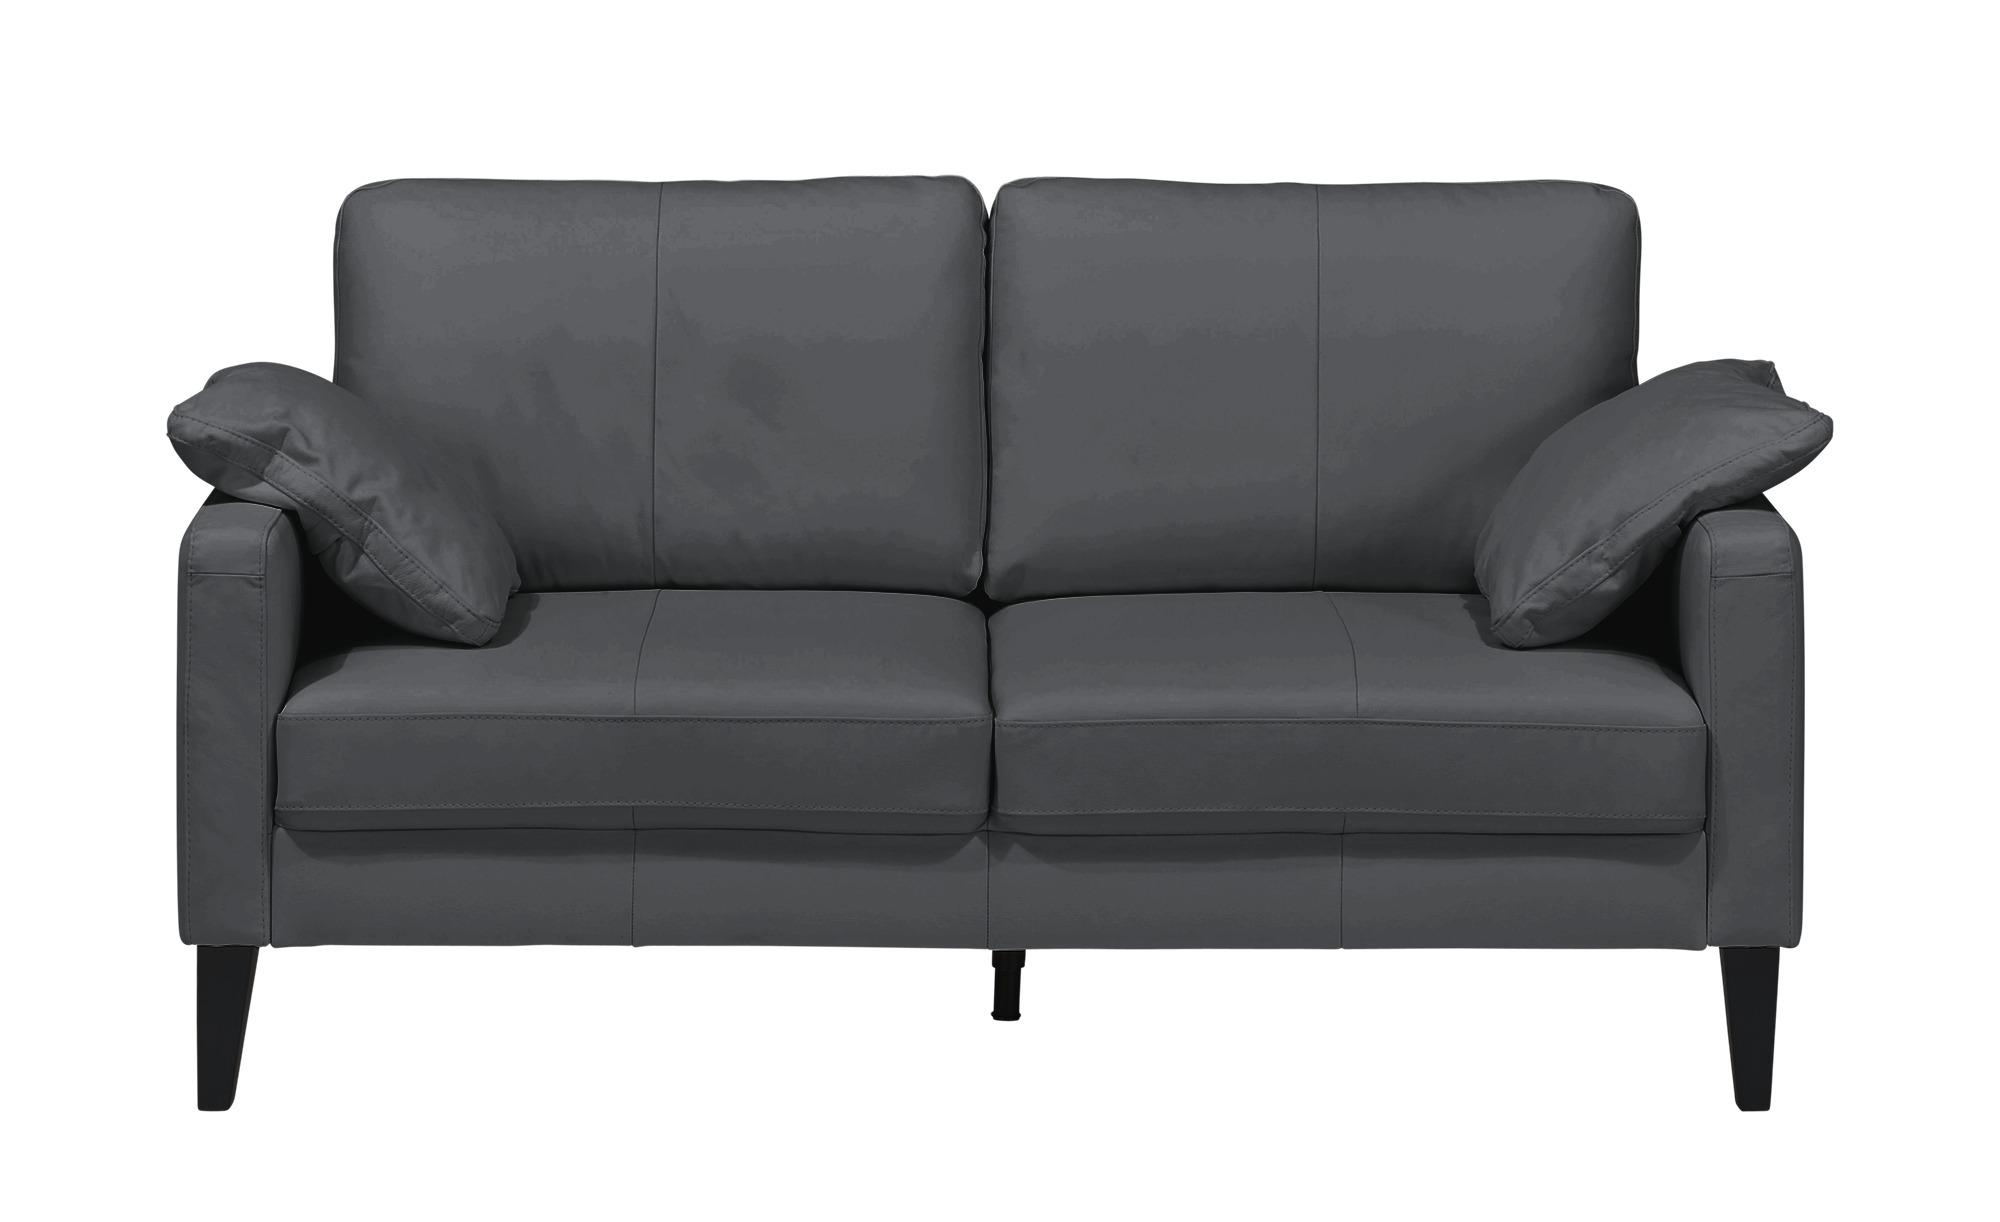 Einzelsofa  Oralia ¦ schwarz ¦ Maße (cm): B: 174 H: 90 T: 93 Polstermöbel > Sofas > 2-Sitzer - Höffner